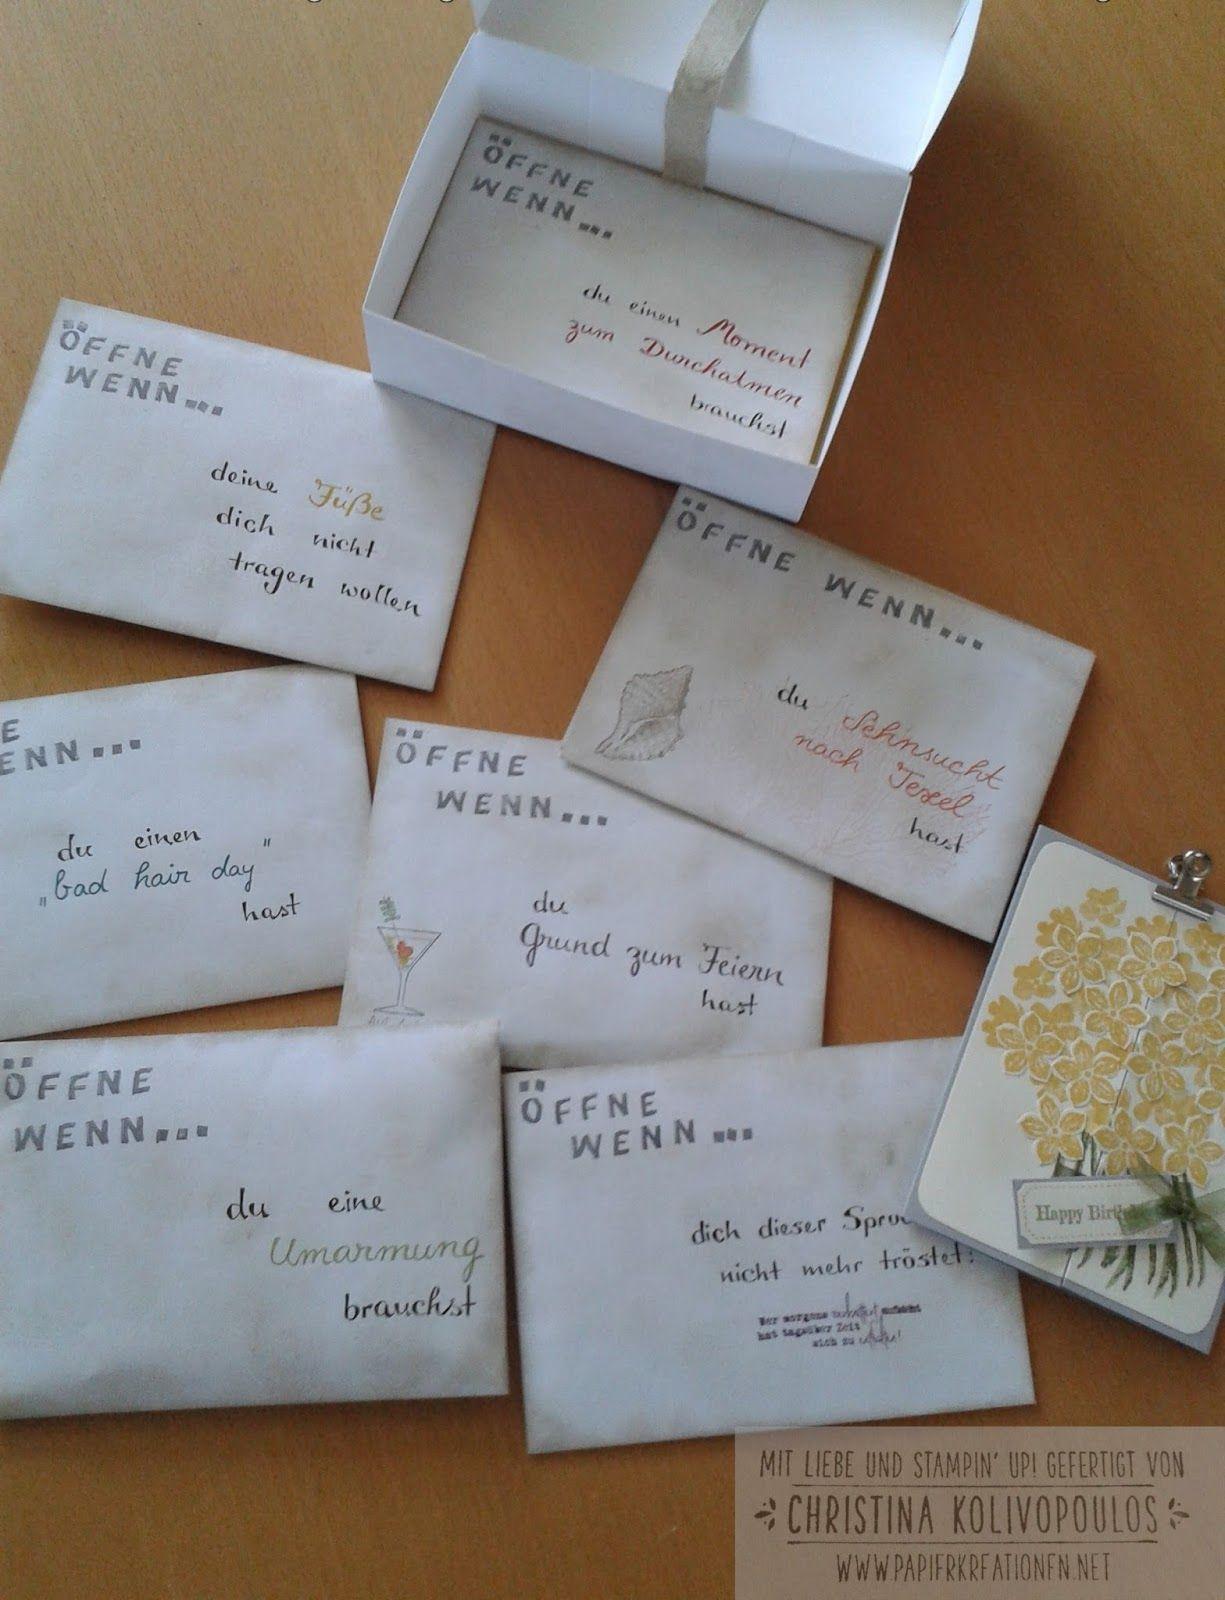 Persönliches Geschenk Für Freund  Stampin Up Stampin up öffne wenn Briefe Open When